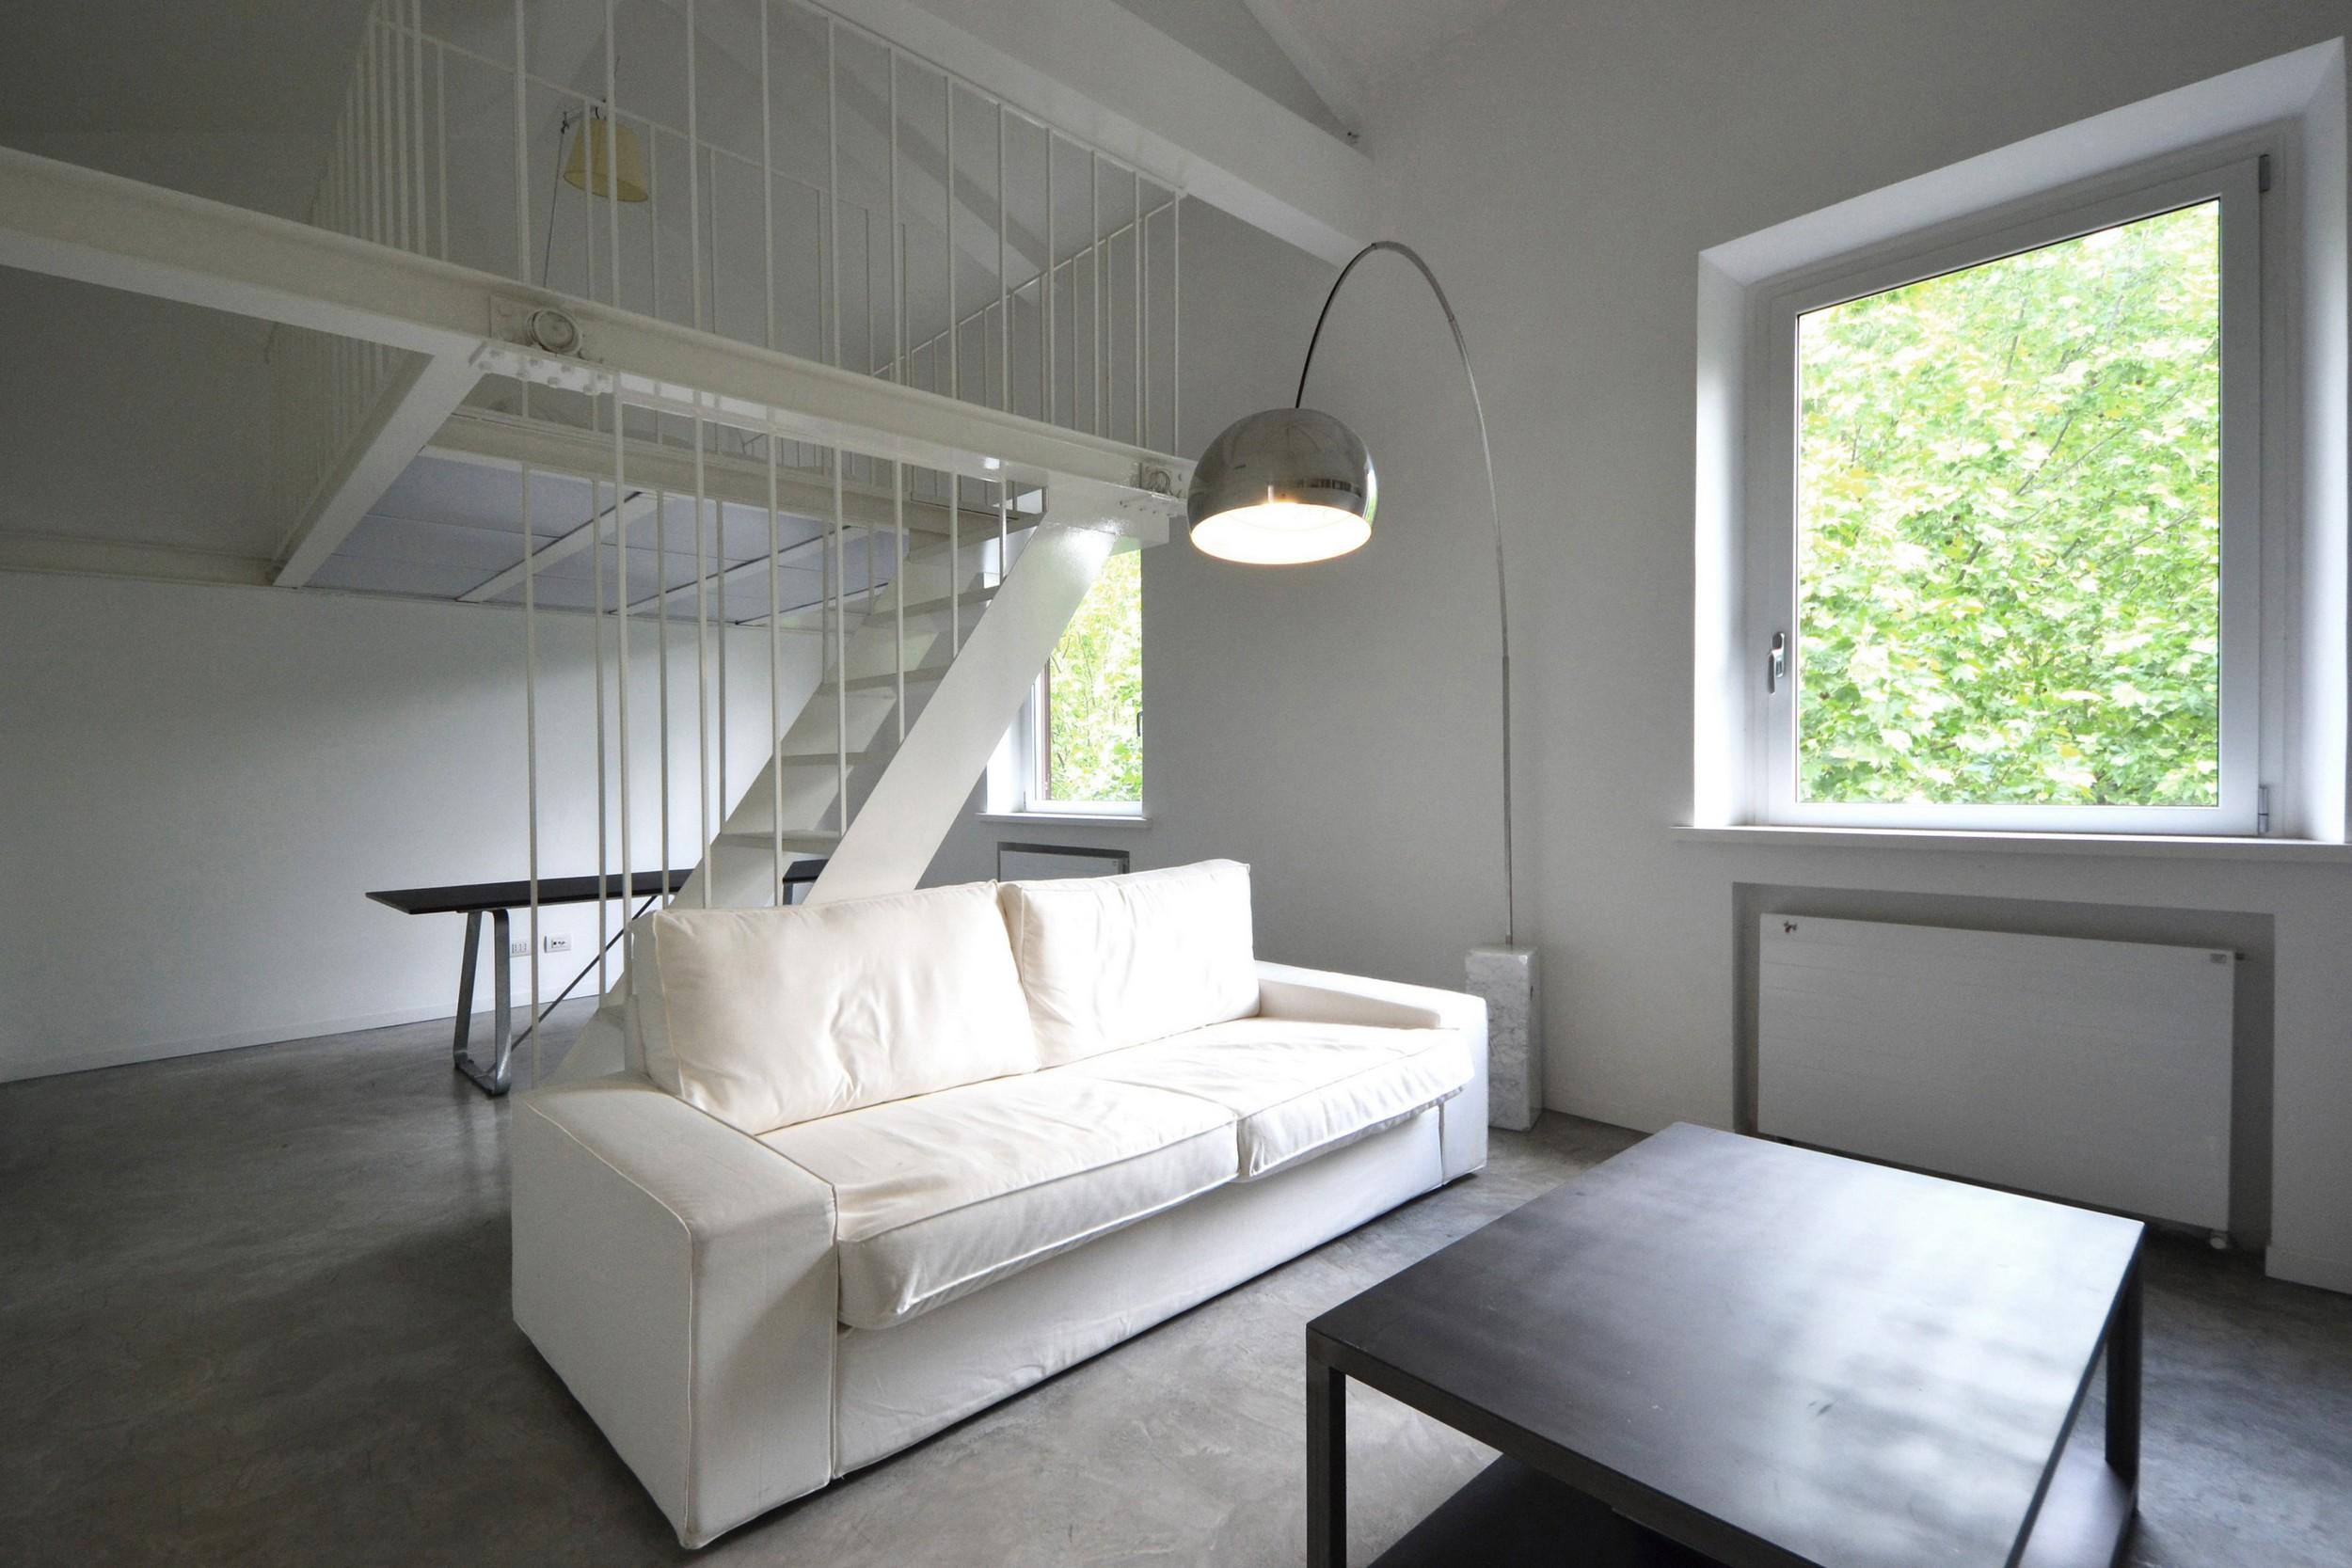 Architettura E Design mini flat parioli | laboratorio di architettura e design